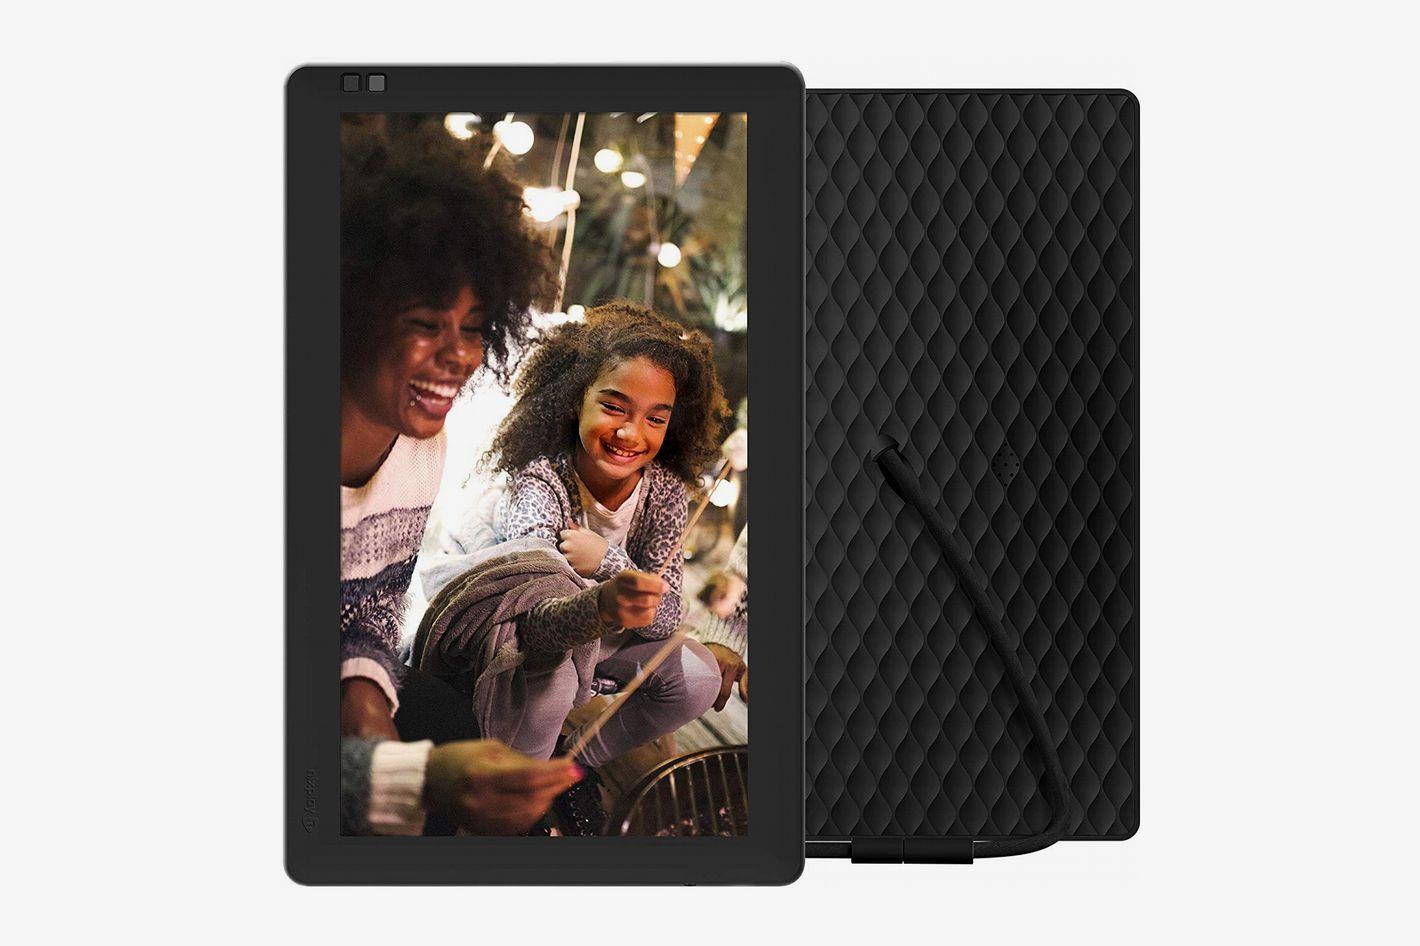 Nixplay Seed 10-Inch WiFi Cloud Digital Photo Frame